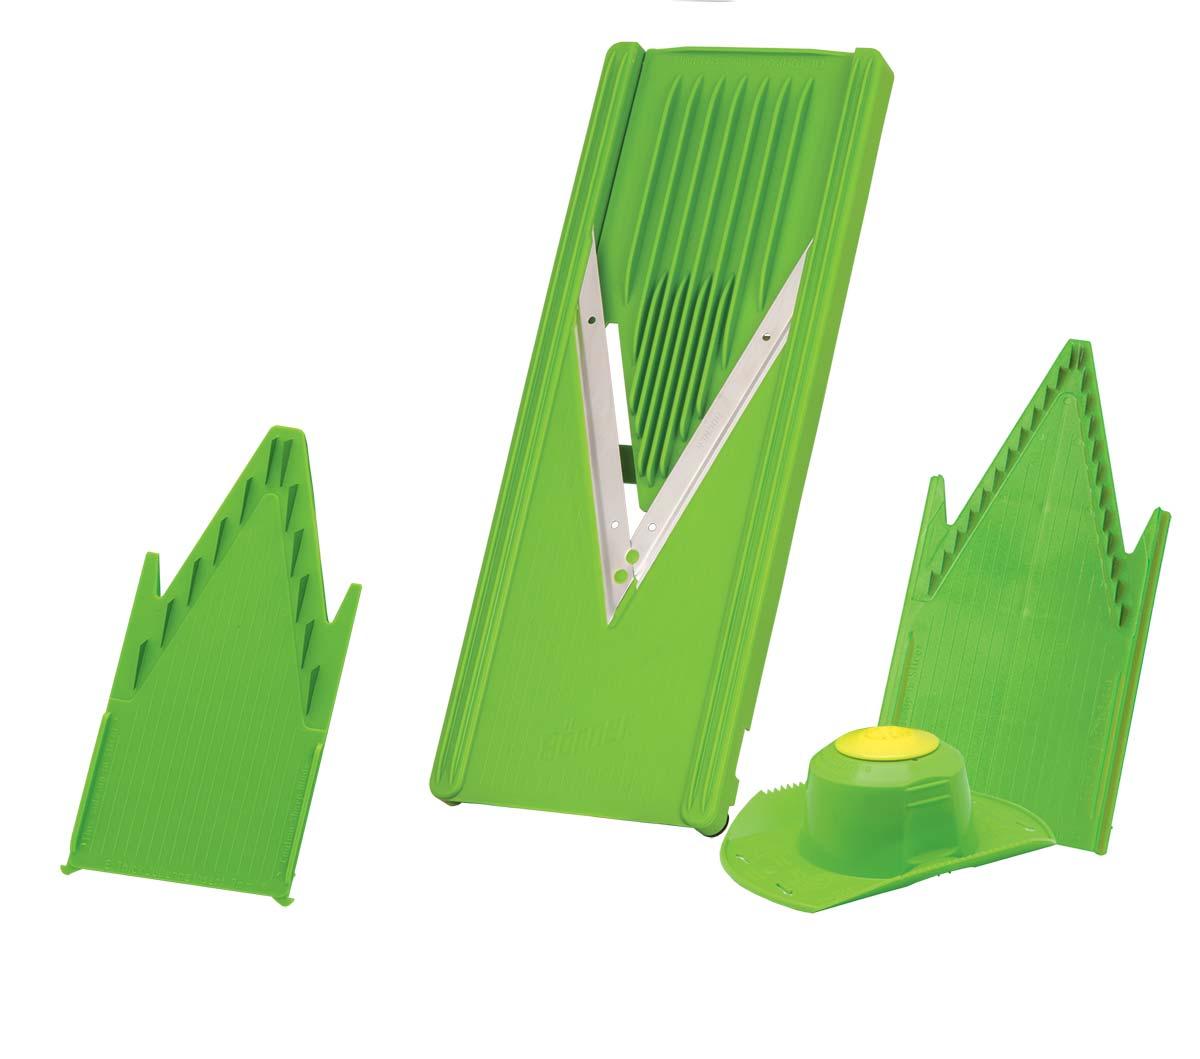 Овощерезка Borner Classic, цвет: салатовый, 5 предметов3810150Базовый комплект овощерезки Borner Classic уже более 30 лет пользуется неизменной популярностью домохозяек.Удобен, доступен. 12 видов нарезки.Проверенное годами безупречное немецкое качество.Корпус овощерезки выполнен из пищевого полистирола.Базовый комплект овощерезки состоит из 5-ти предметов: - Рамы V (в которую вставляются вставки) - Безопасного плододержателя - Вставки безножевой (для шинковки капусты, нарезки из любых продуктов колечек, пластов и ломтиков)- Вставки с ножами 7 мм (для нарезки длинных или коротких брусочков, крупных кубиков)- Вставки с ножами 3,5 мм.Этот комплект овощерезки необходим как для каждодневного использования, так и при больших заготовках овощей и фруктов.